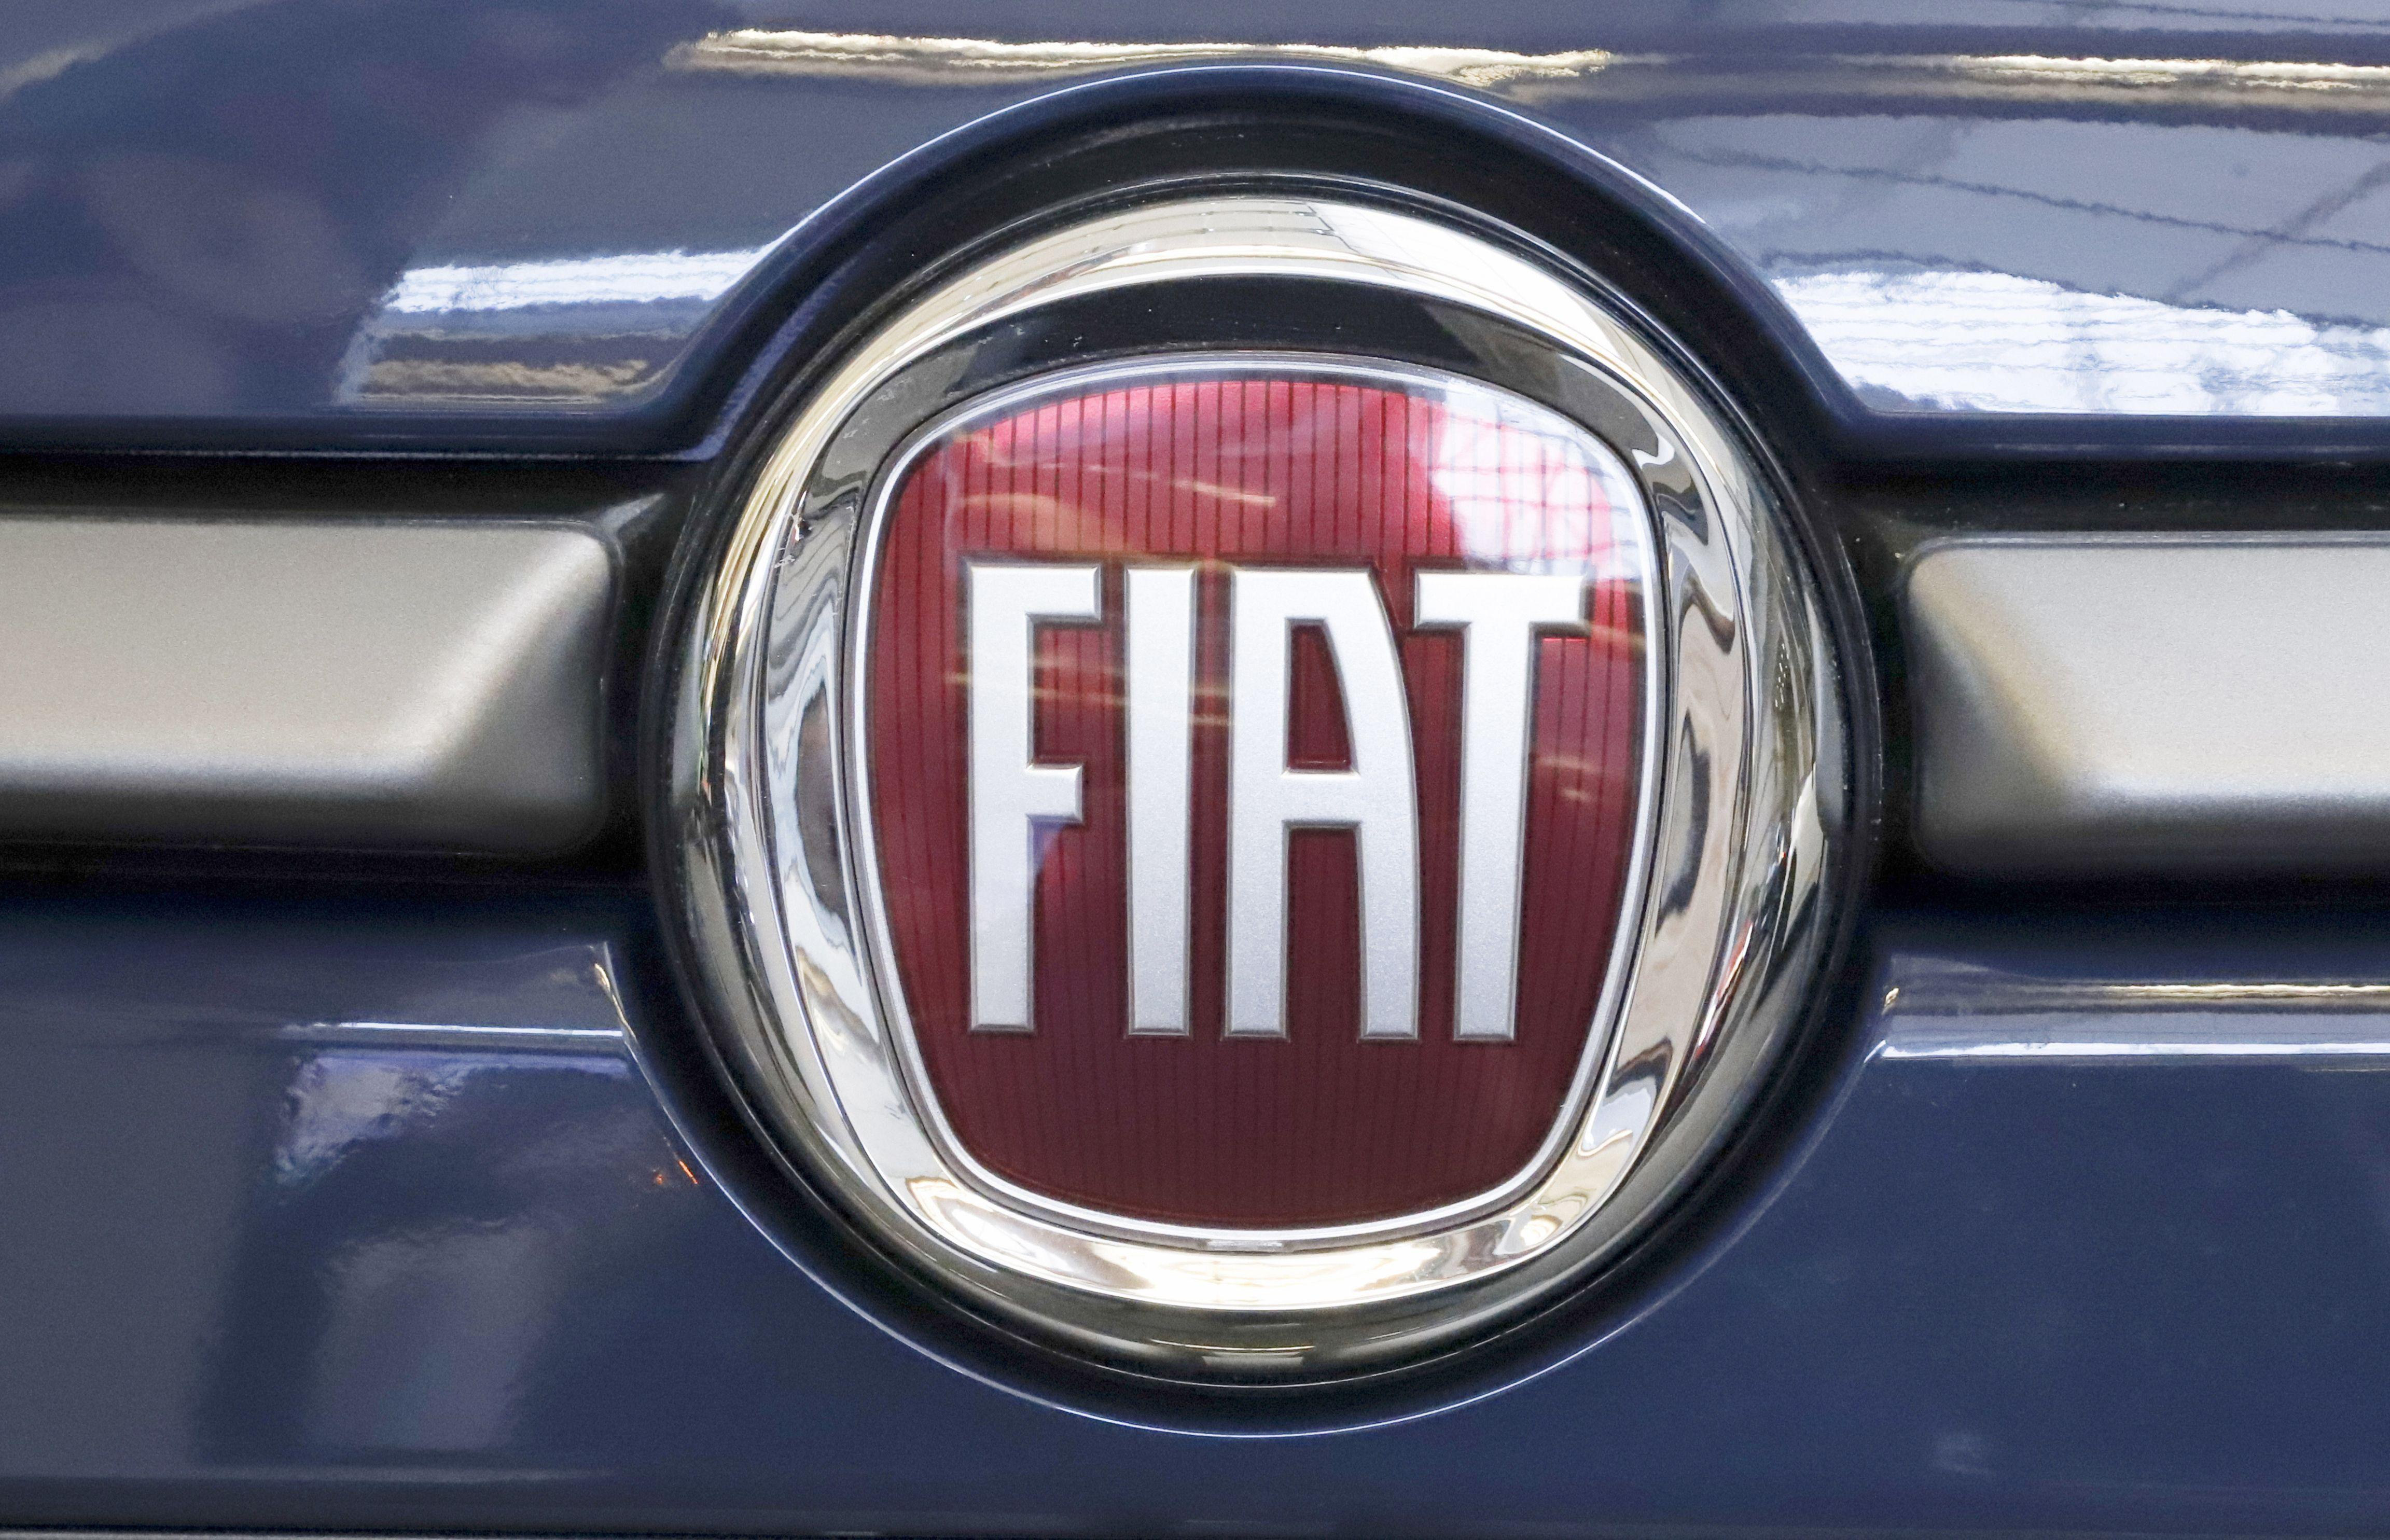 Chrysler Logo Meaning And History Chrysler Logo Chrysler Car Logos